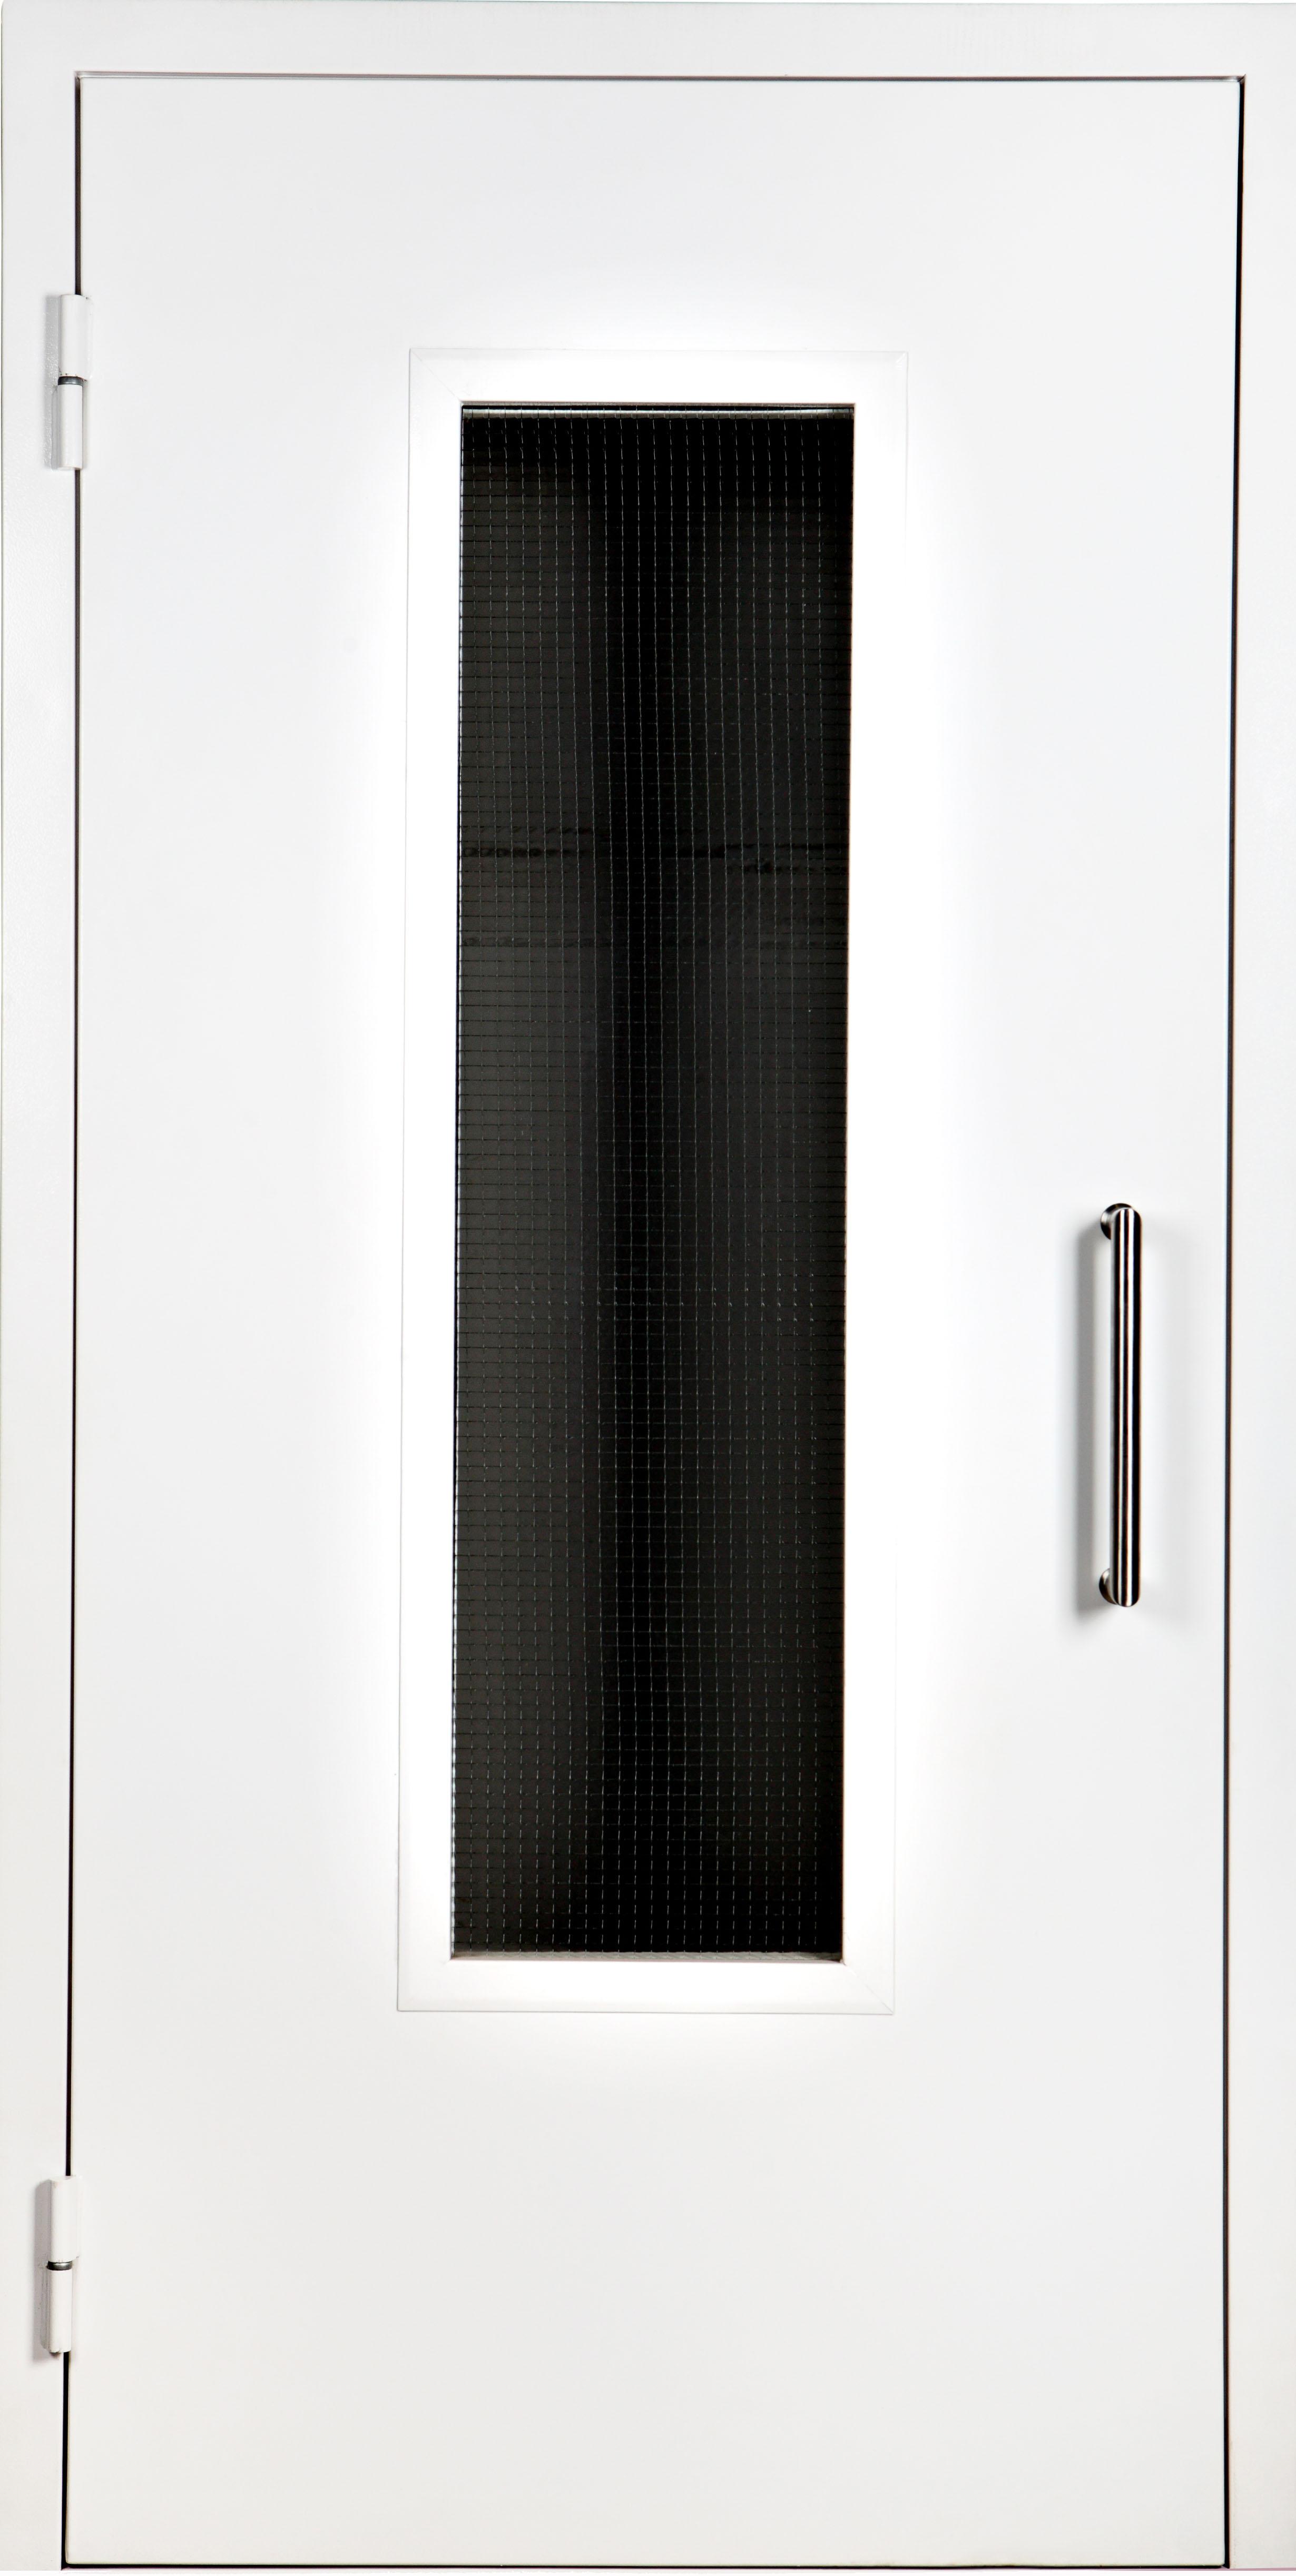 техническая металлическая дверь с окном уличная